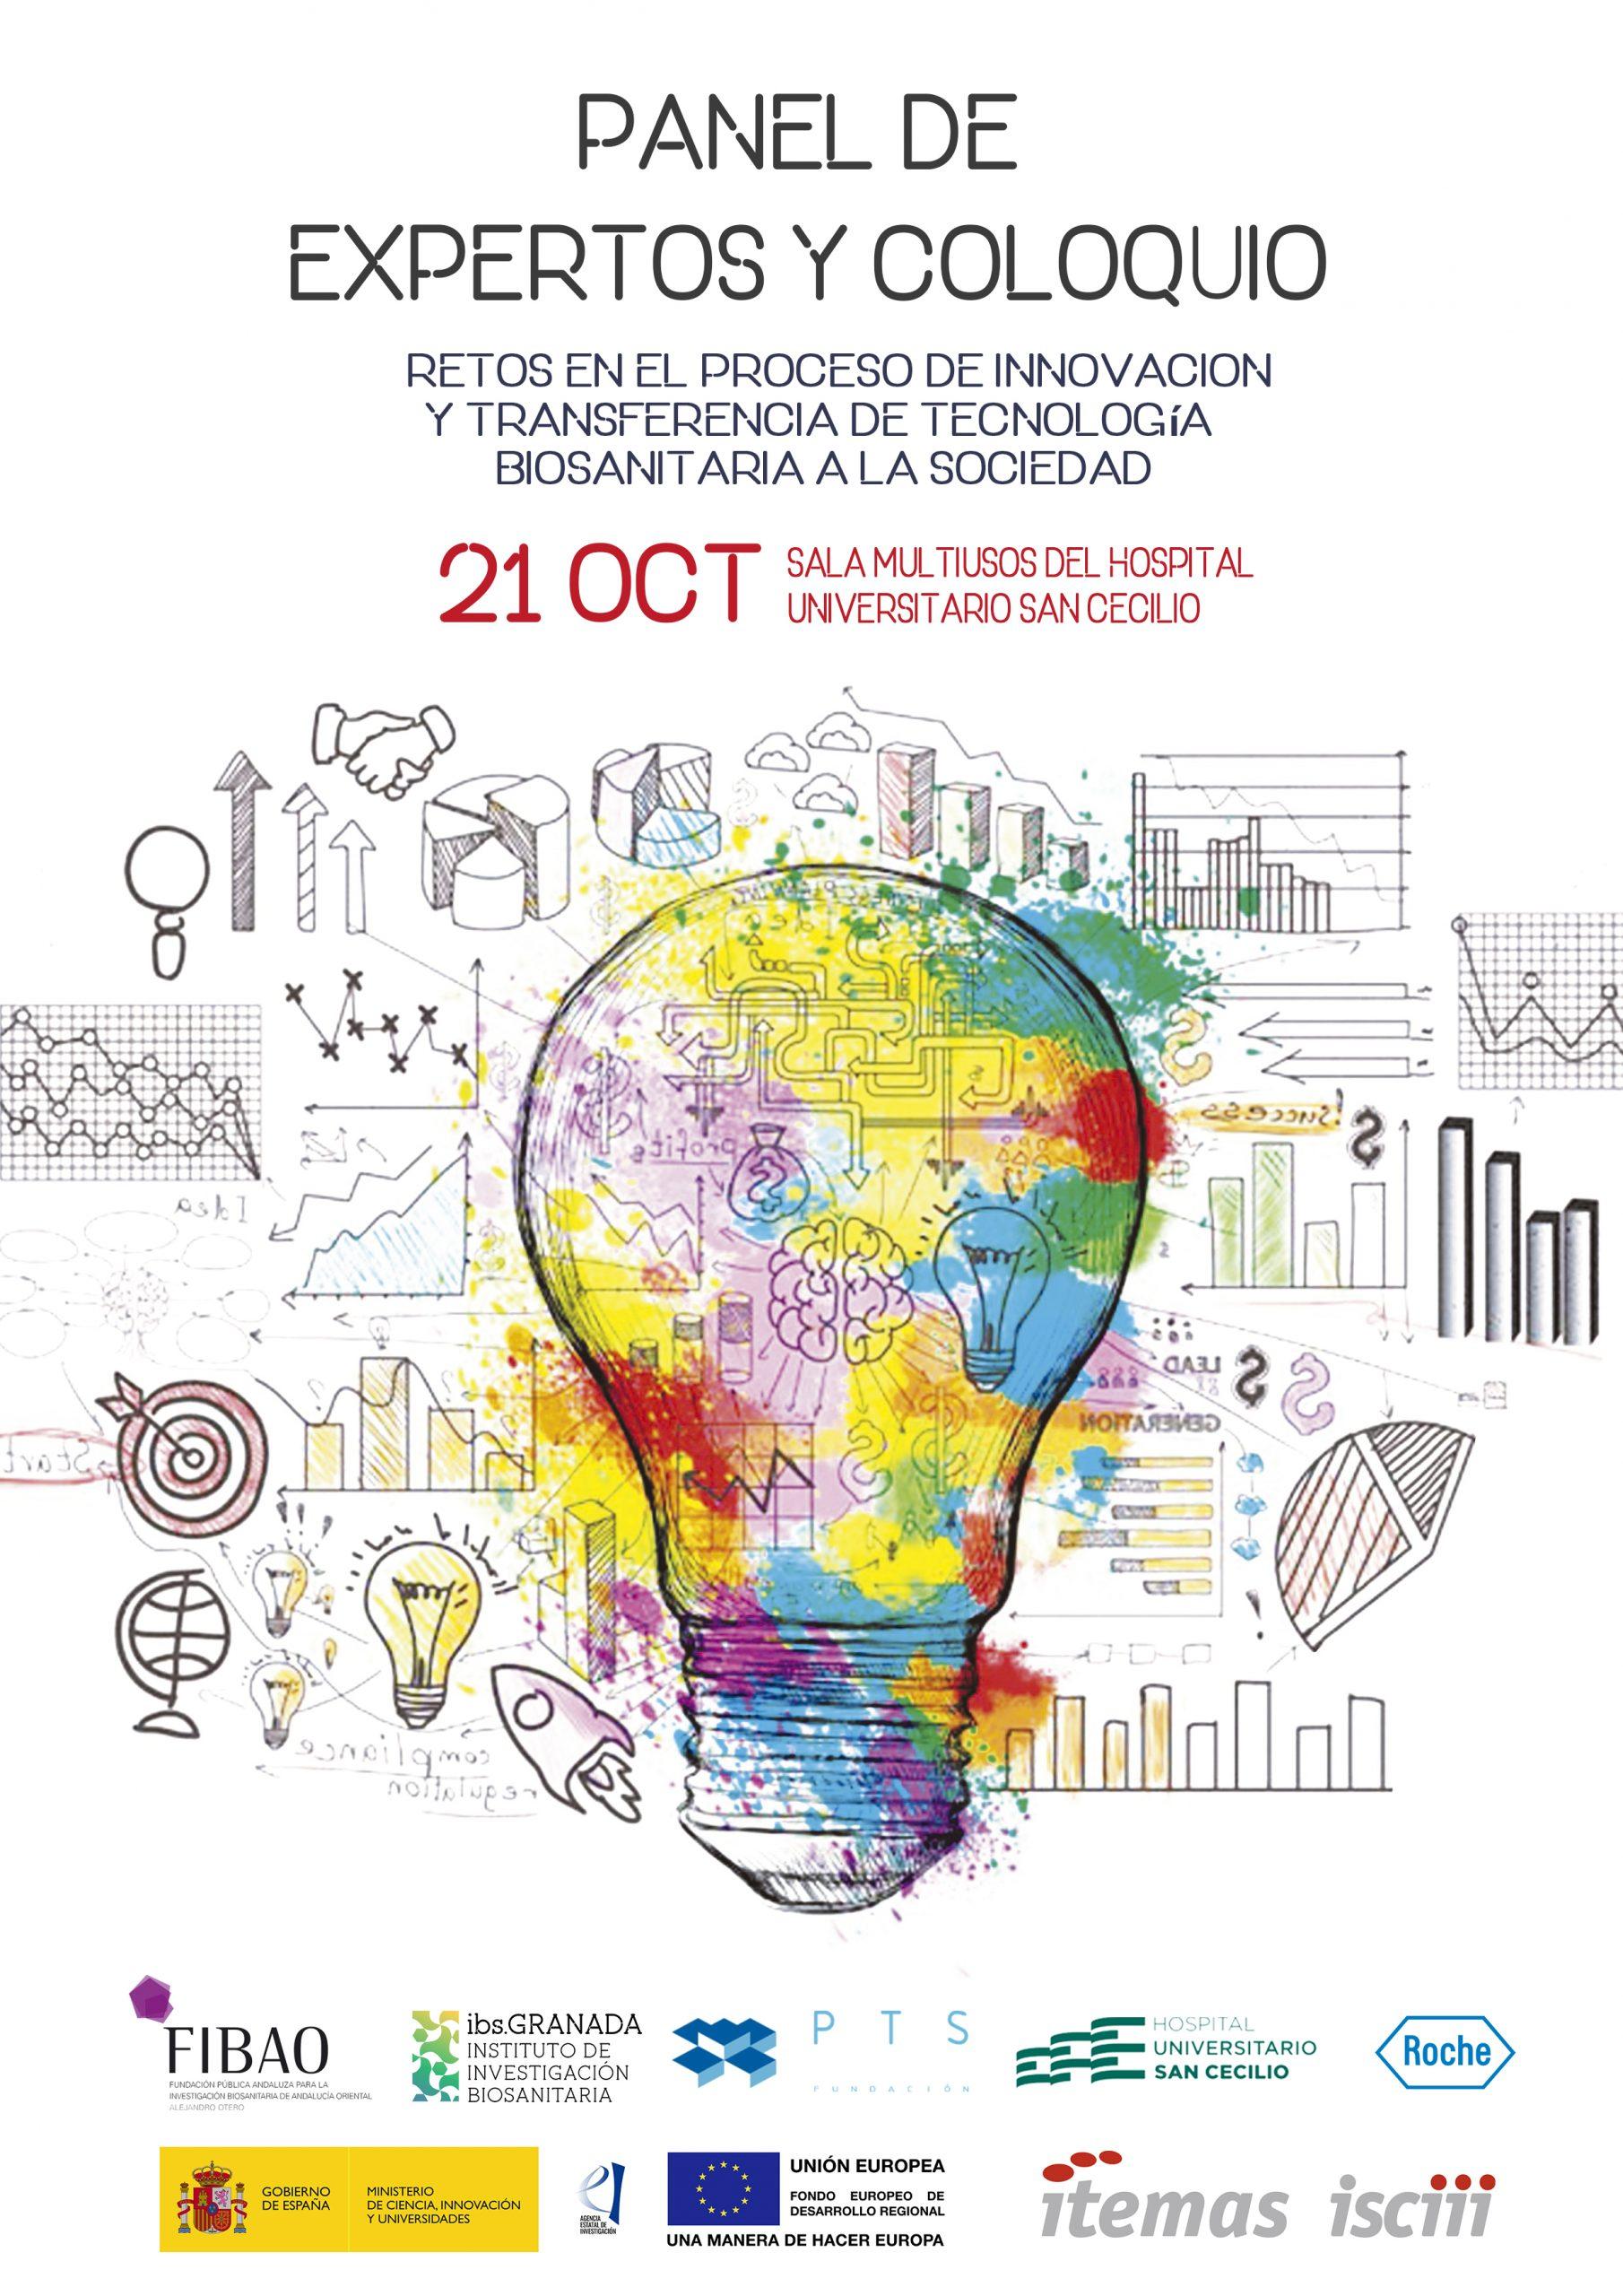 PANEL DE EXPERTOS Y COLOQUIO: Retos en el proceso de innovación y transferencia de tecnología biosanitaria a la sociedad